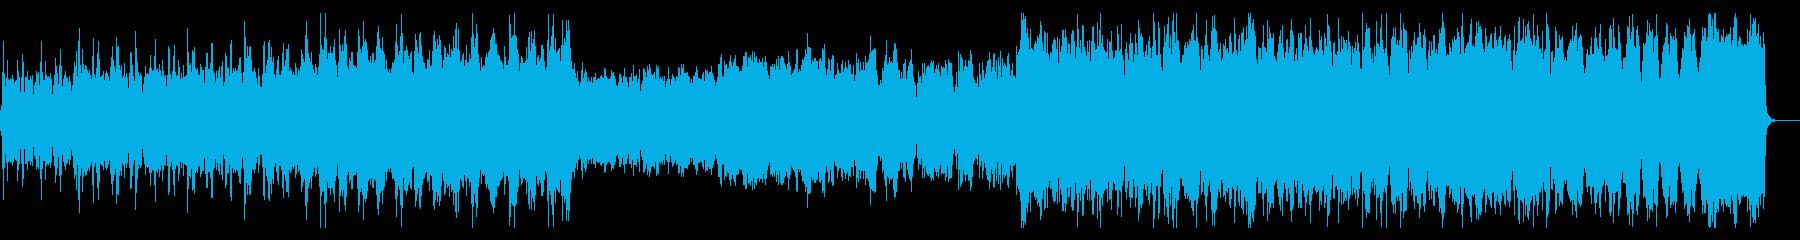 フルオーケストラ。壮大で堂々とした曲の再生済みの波形